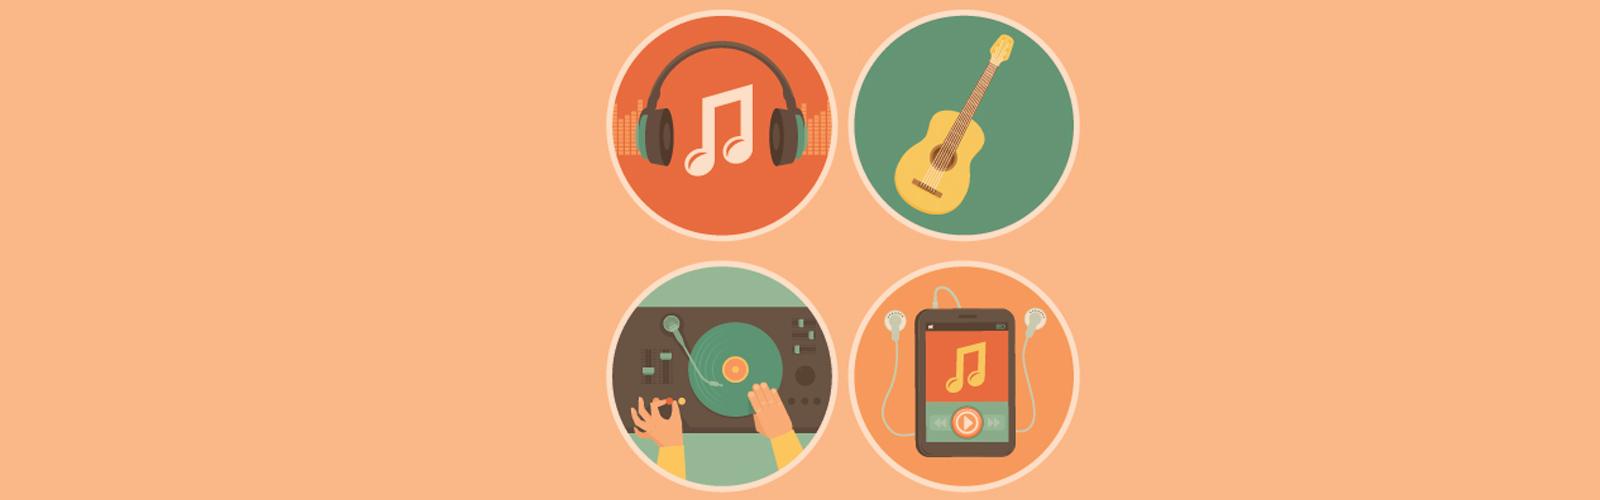 Tutto quello di cui hai bisogno per vendere la tua musica online